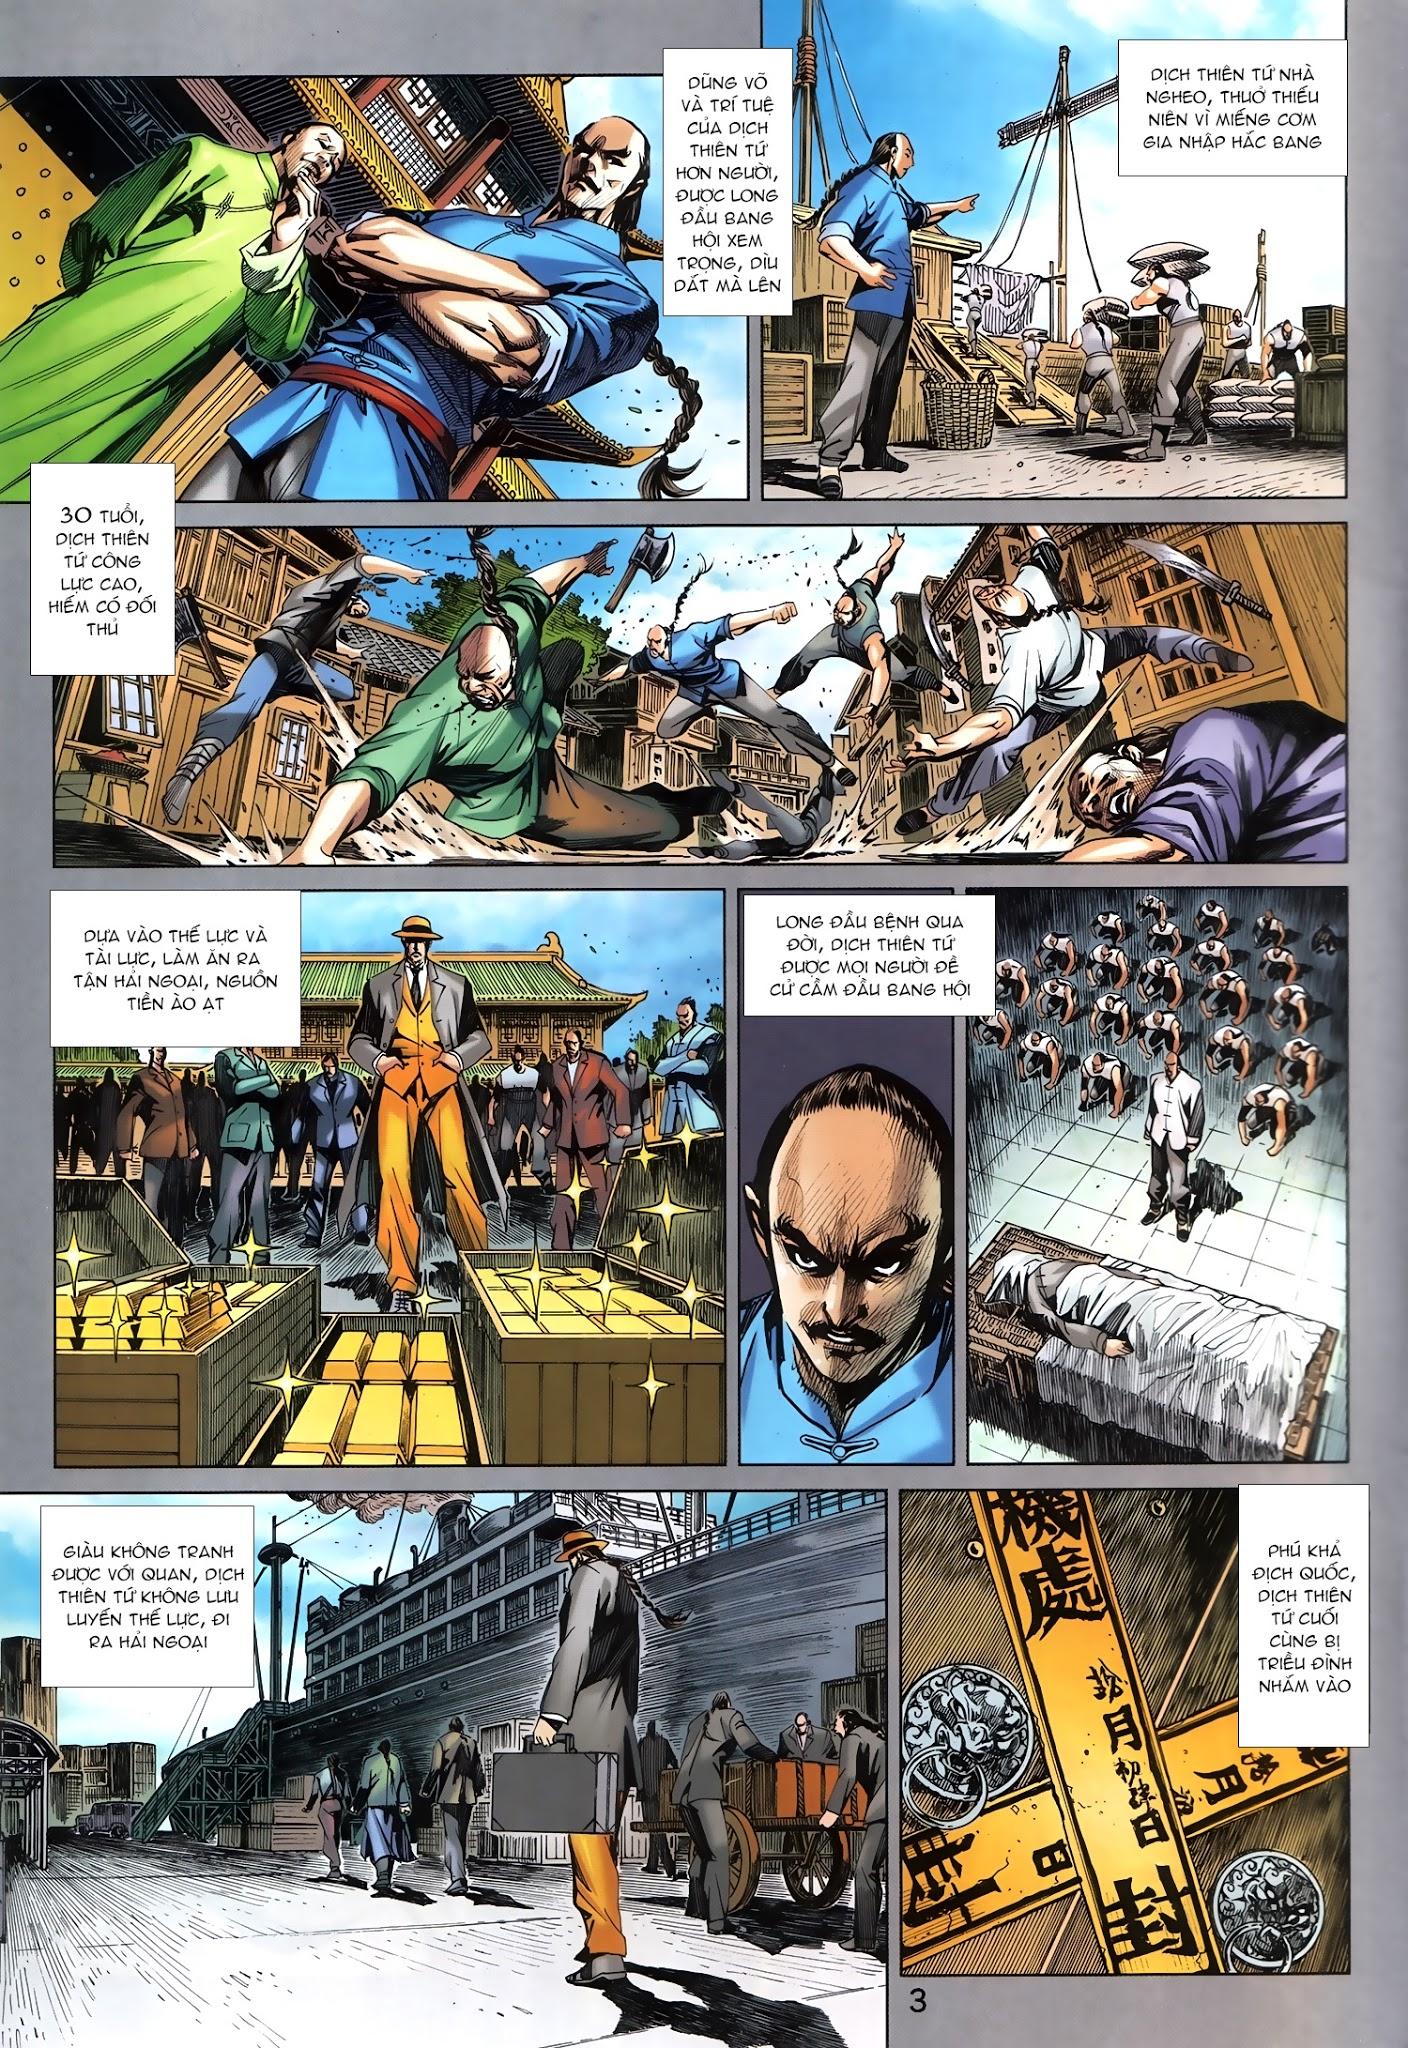 Tân Tác Long Hổ Môn chap 879.1 - Trang 3